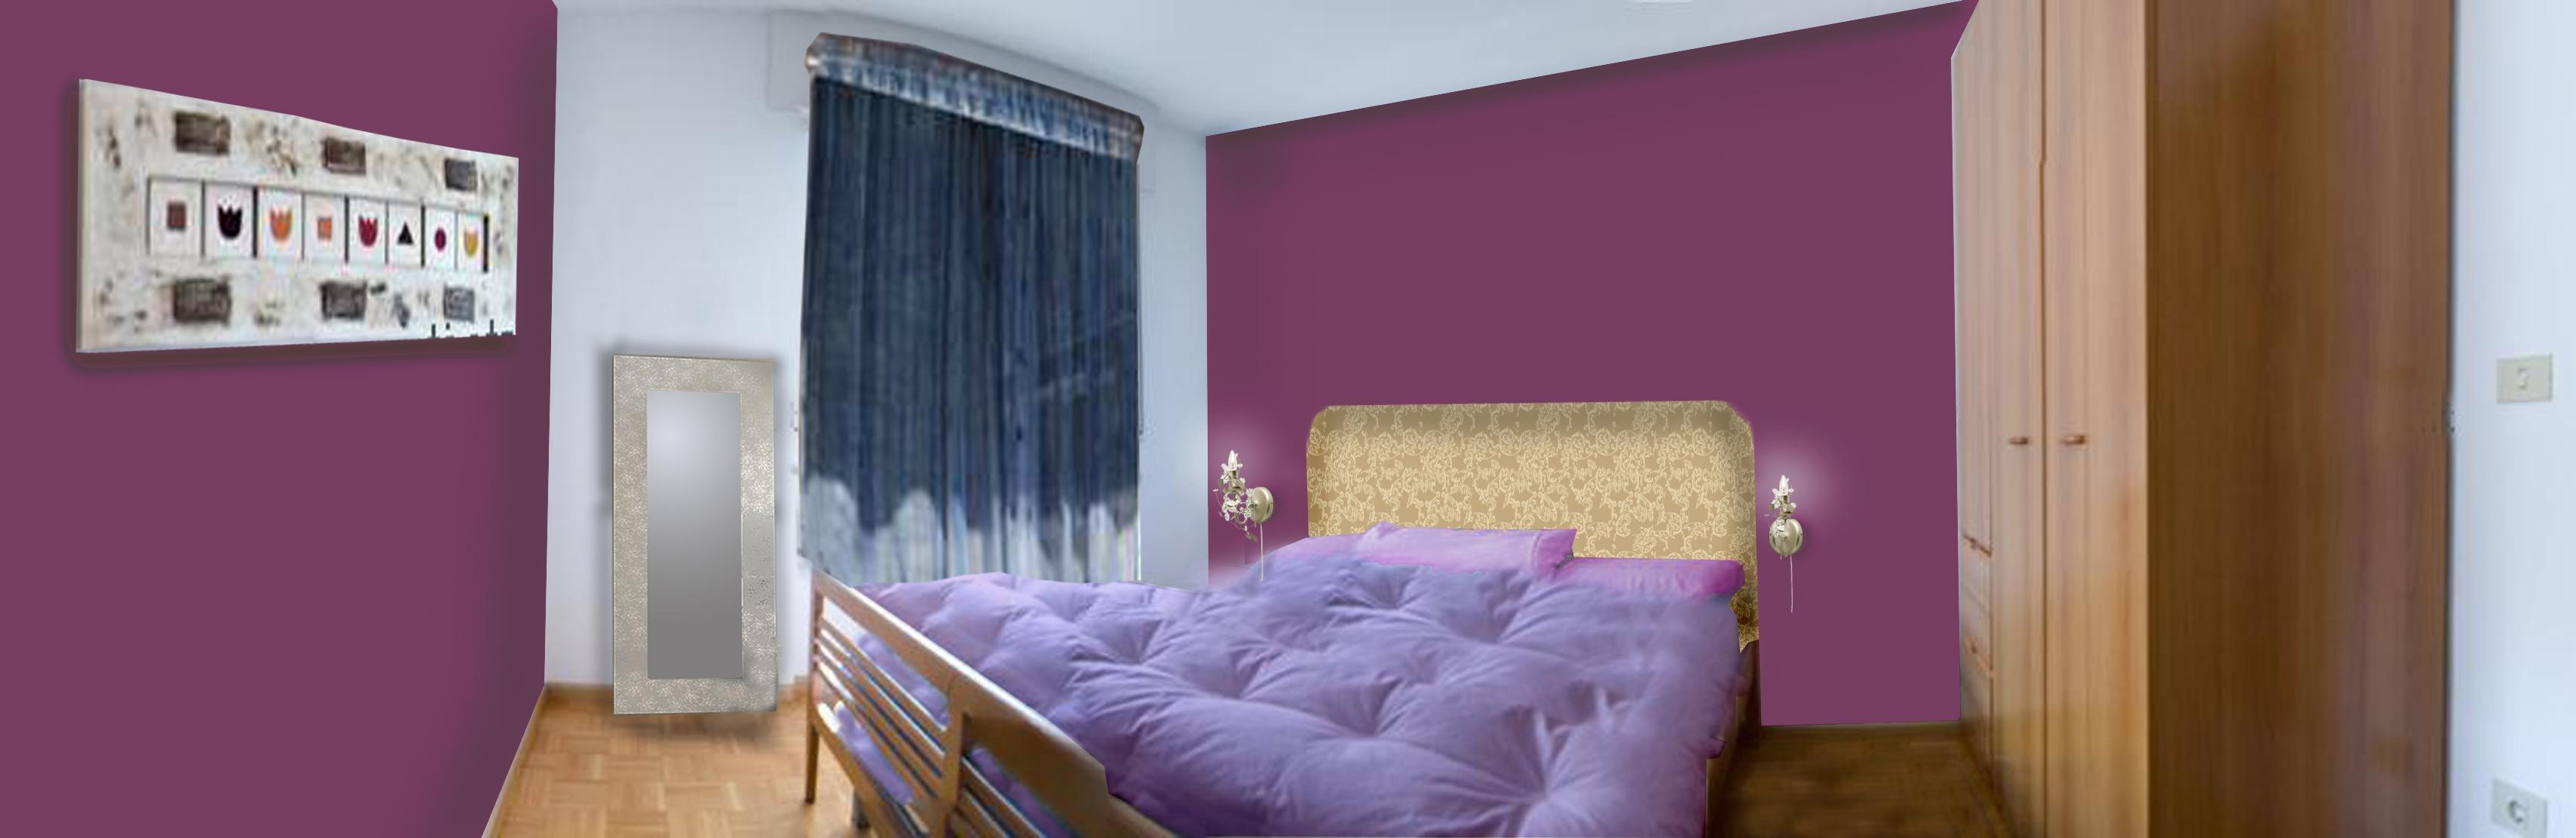 Home staging: casa piccola ma con carattere (galleria) — idealista ...